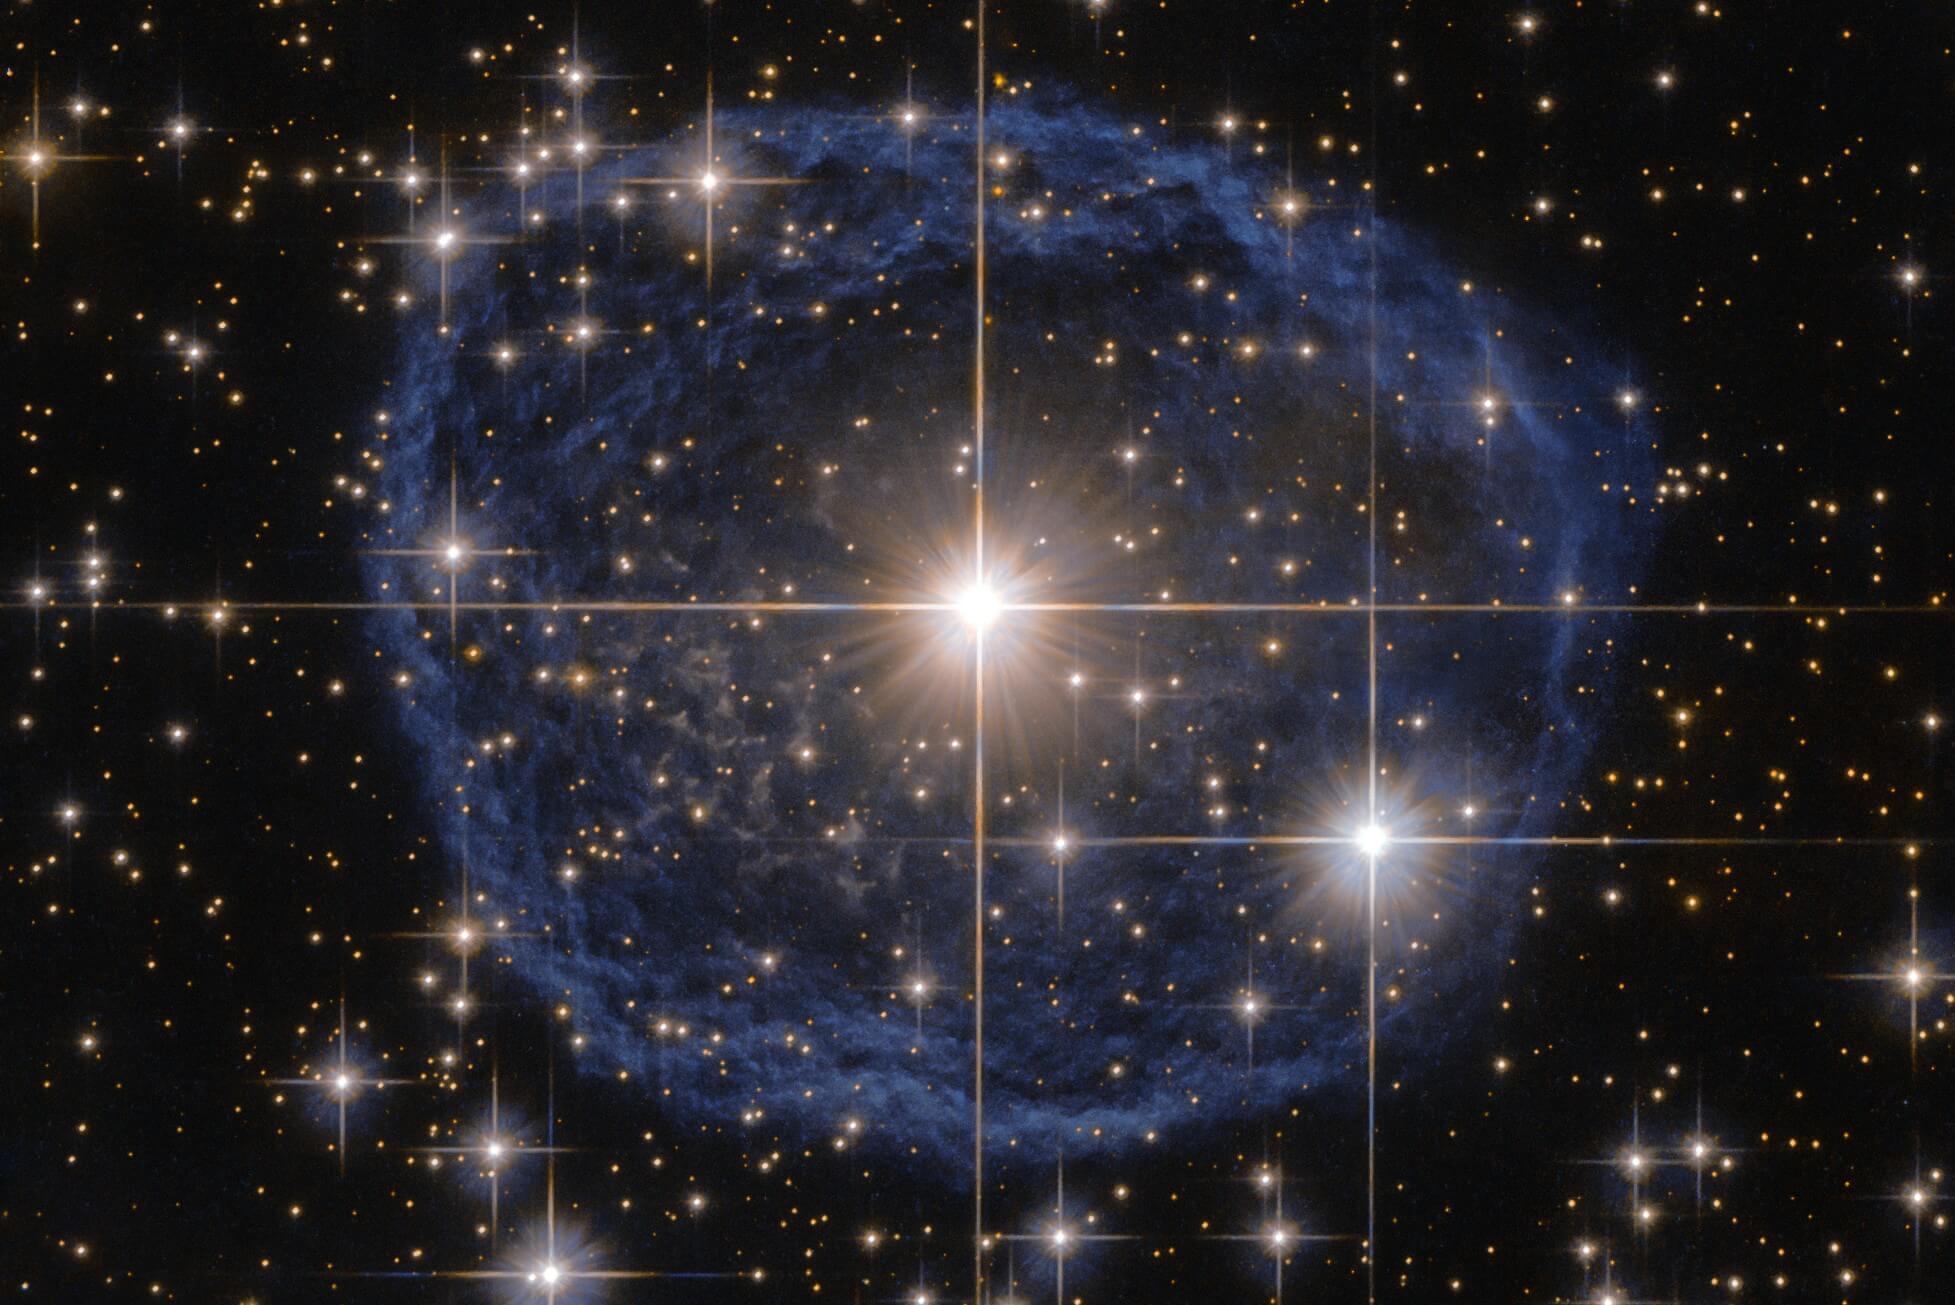 Солнечная система могла образоваться внутри гигантского космического пузыря